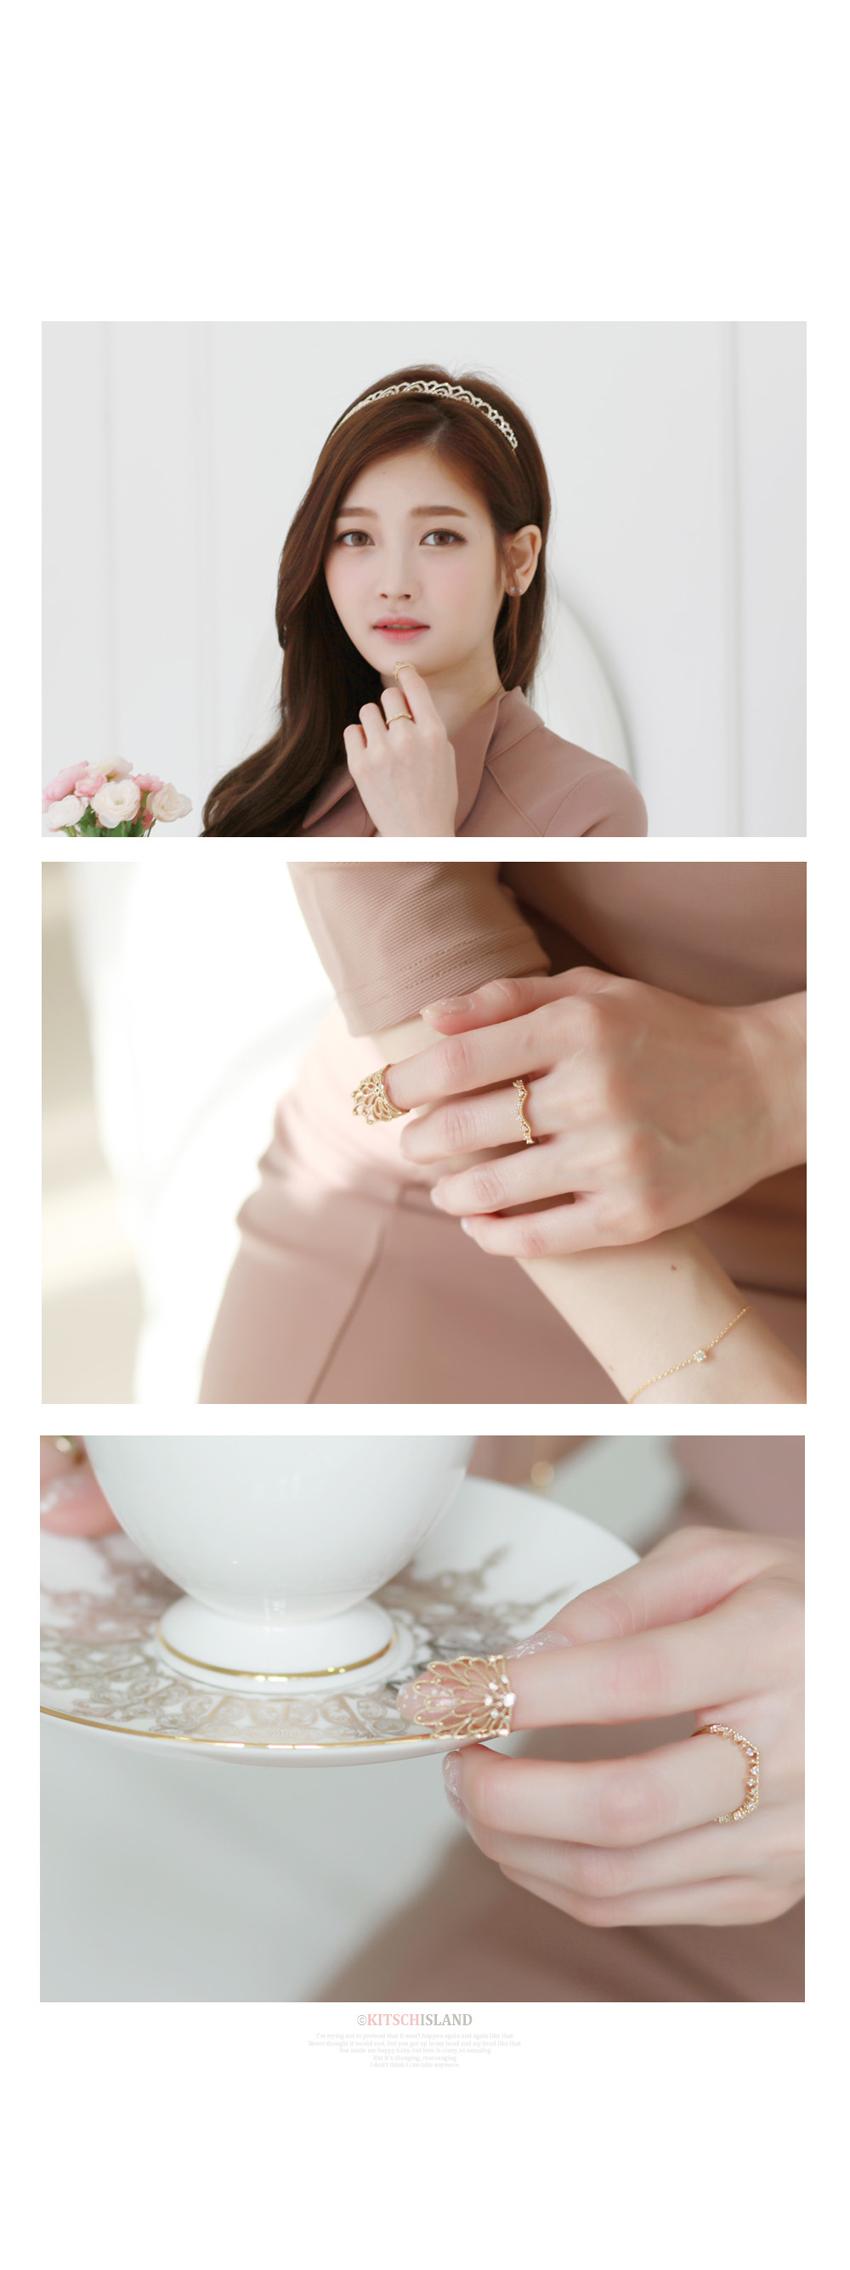 트리샤 네일 반지 - 키치아일랜드, 8,500원, 패션, 패션반지